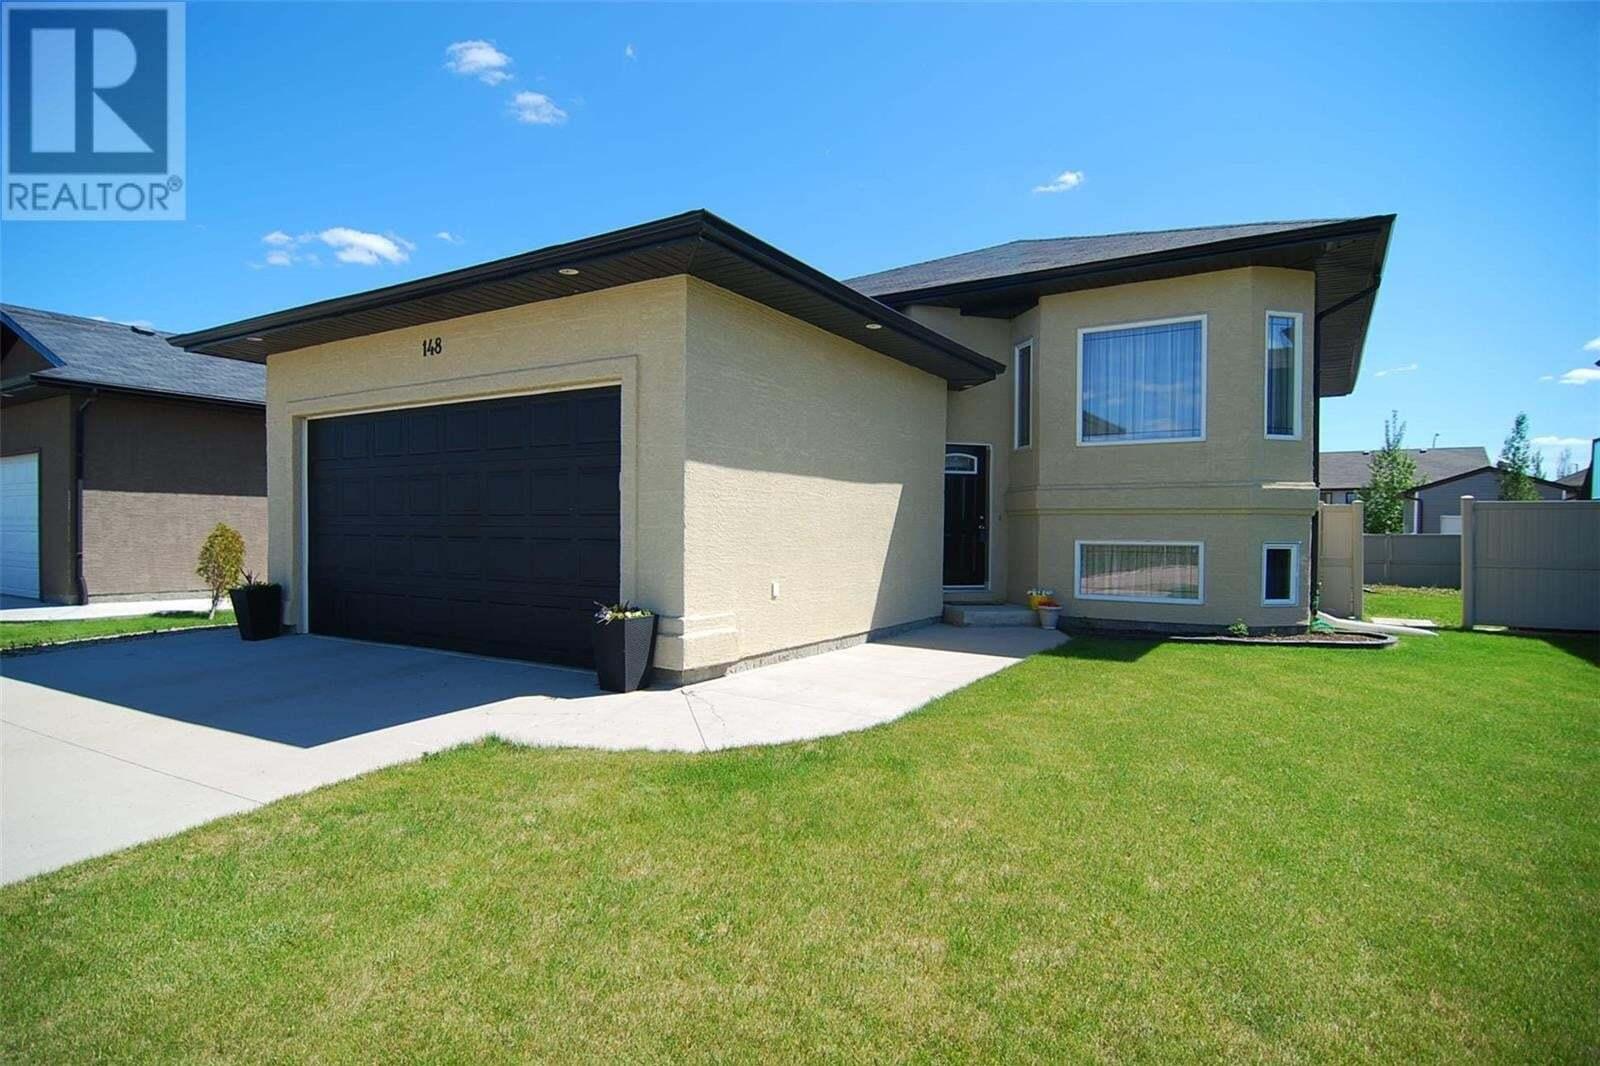 House for sale at 148 Mcdonald St Aberdeen Saskatchewan - MLS: SK810733